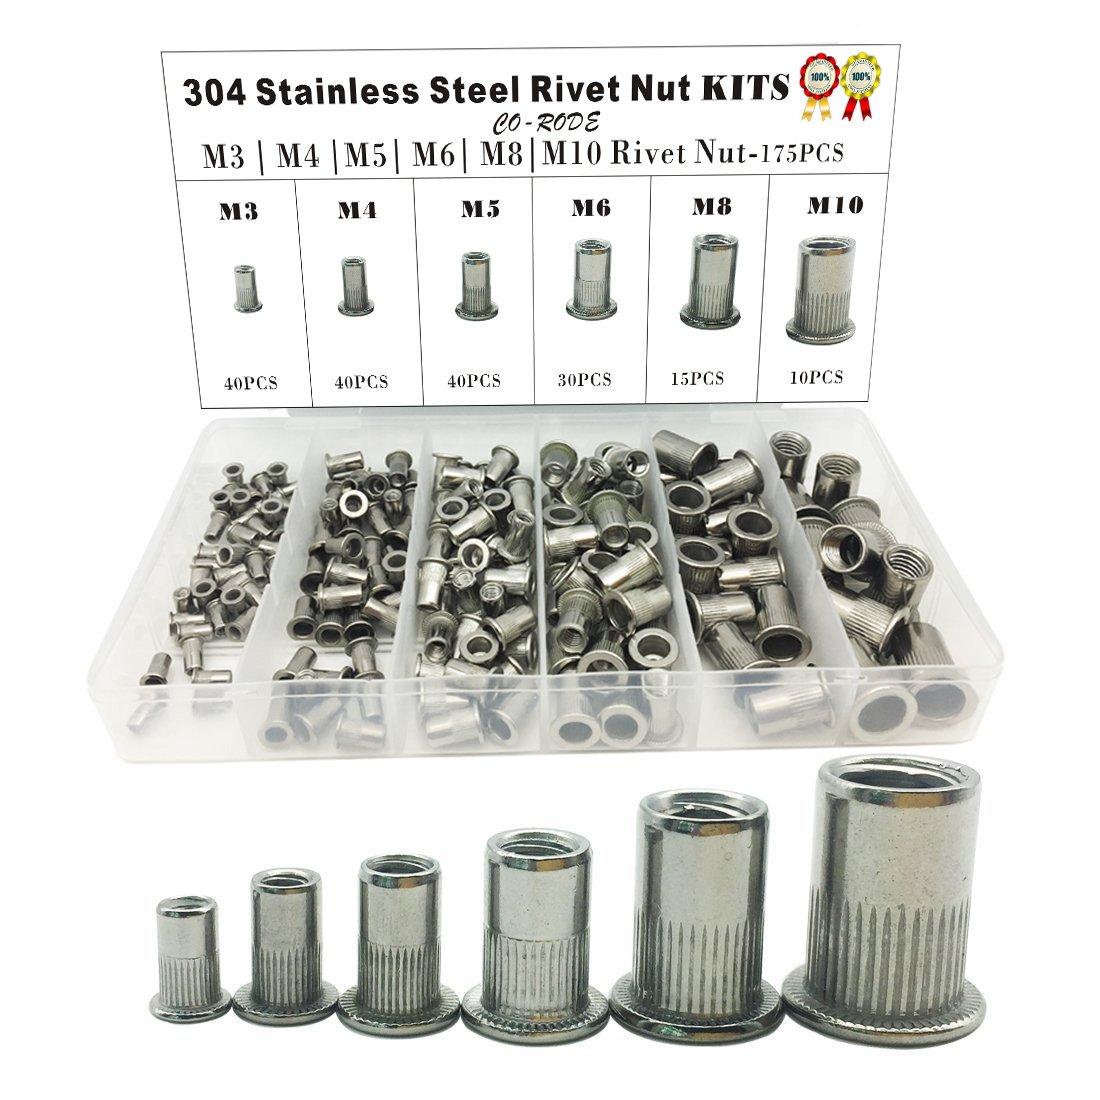 175PCS 304 Stainless Steel Rivet Nut Threaded Rivetnut Insert Nutsert(M3 M4 M5 M6 M8 M10) by CO RODE